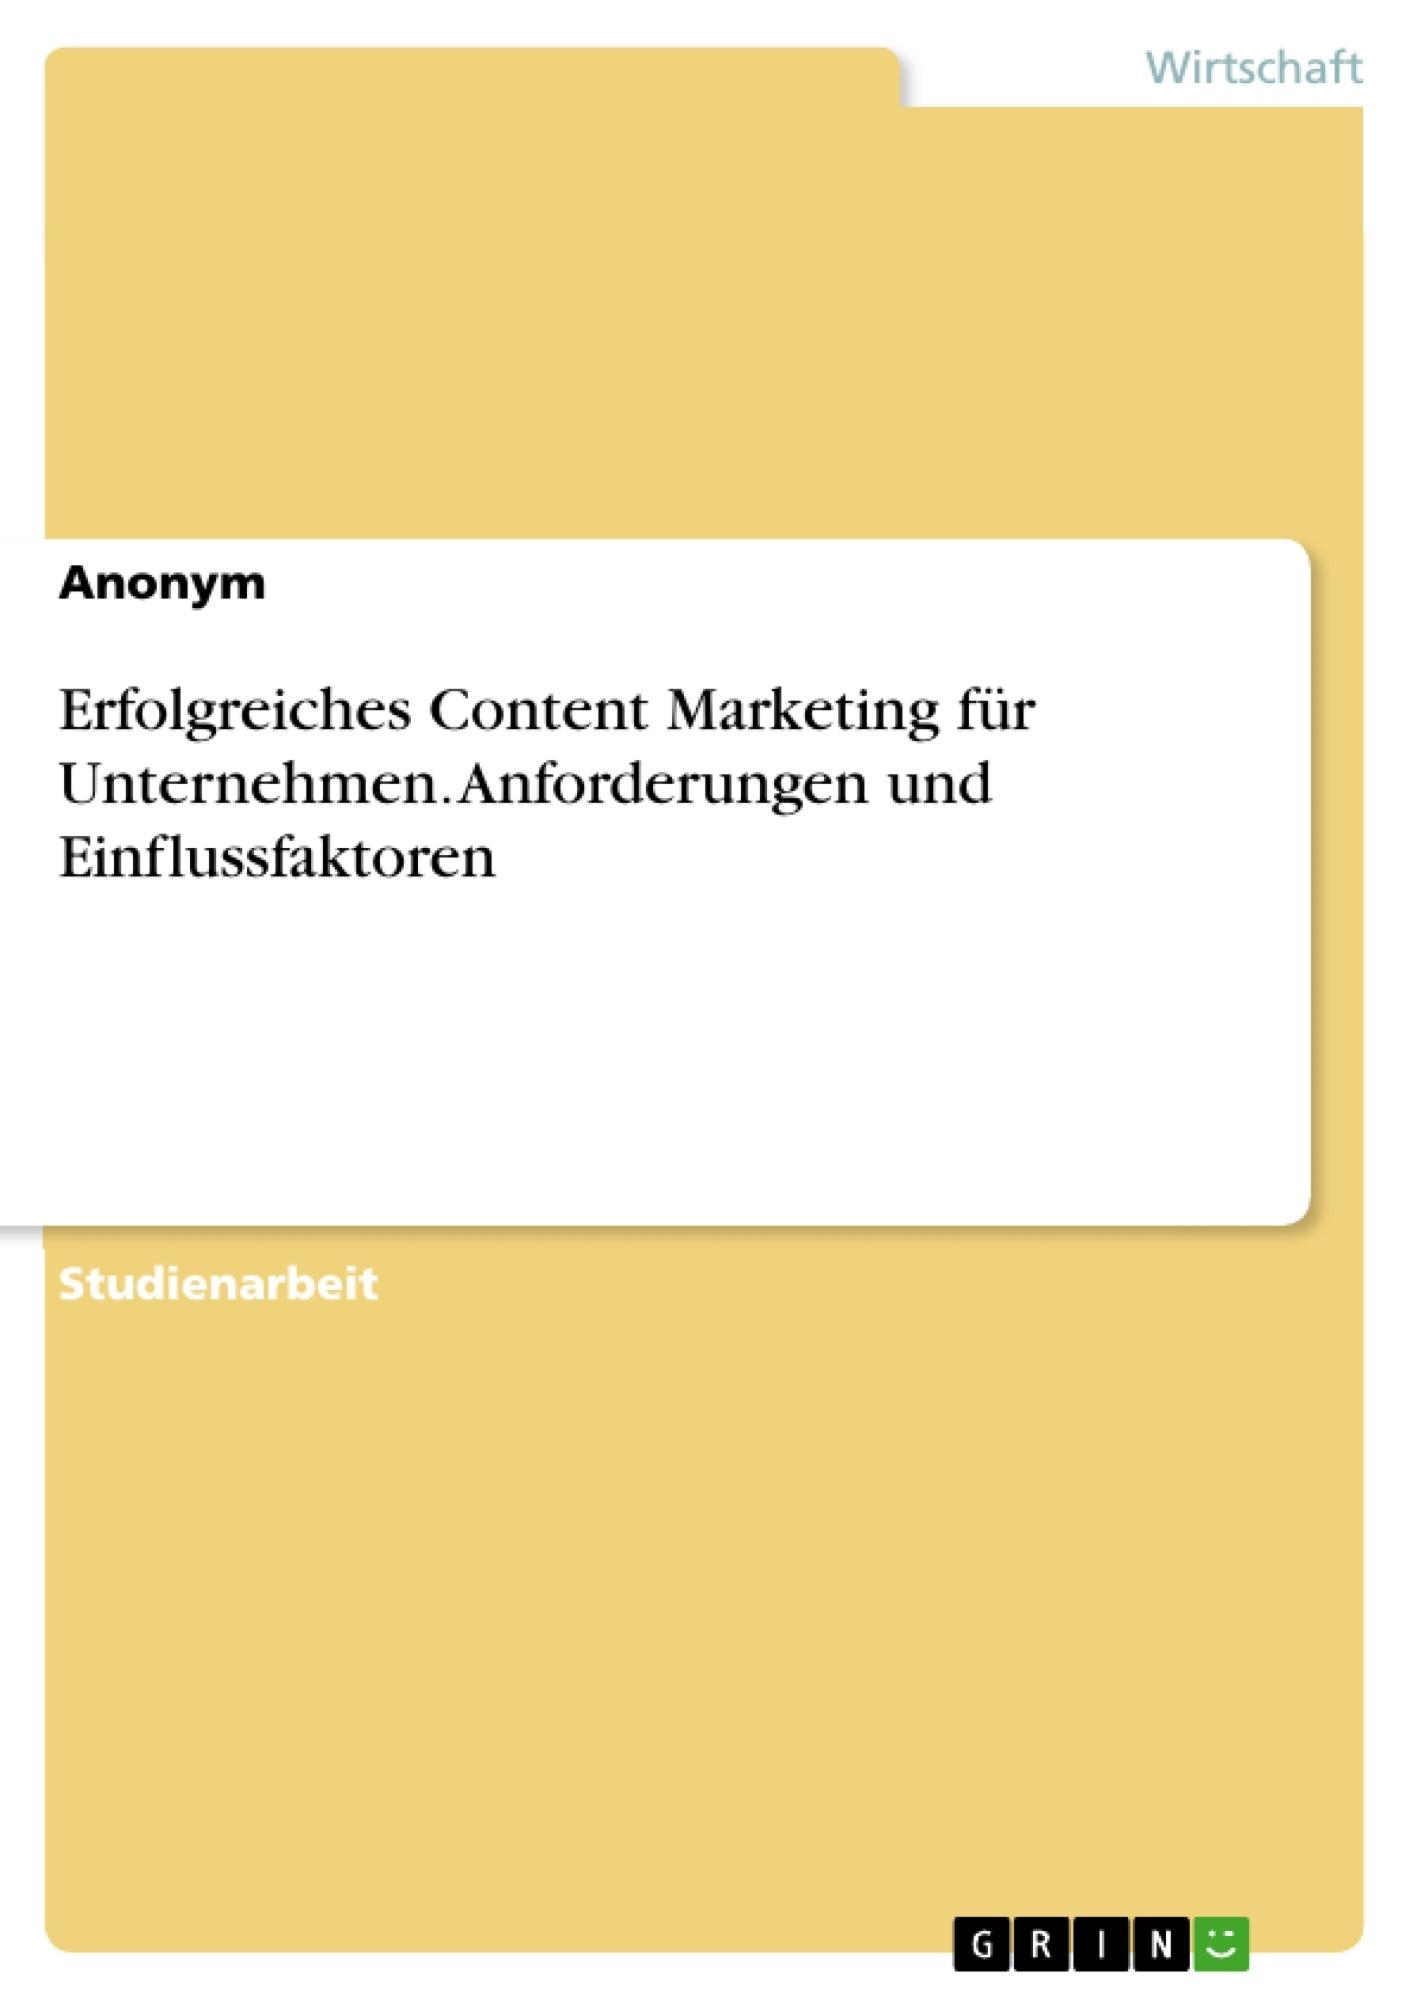 Titel: Erfolgreiches Content Marketing für Unternehmen. Anforderungen und Einflussfaktoren